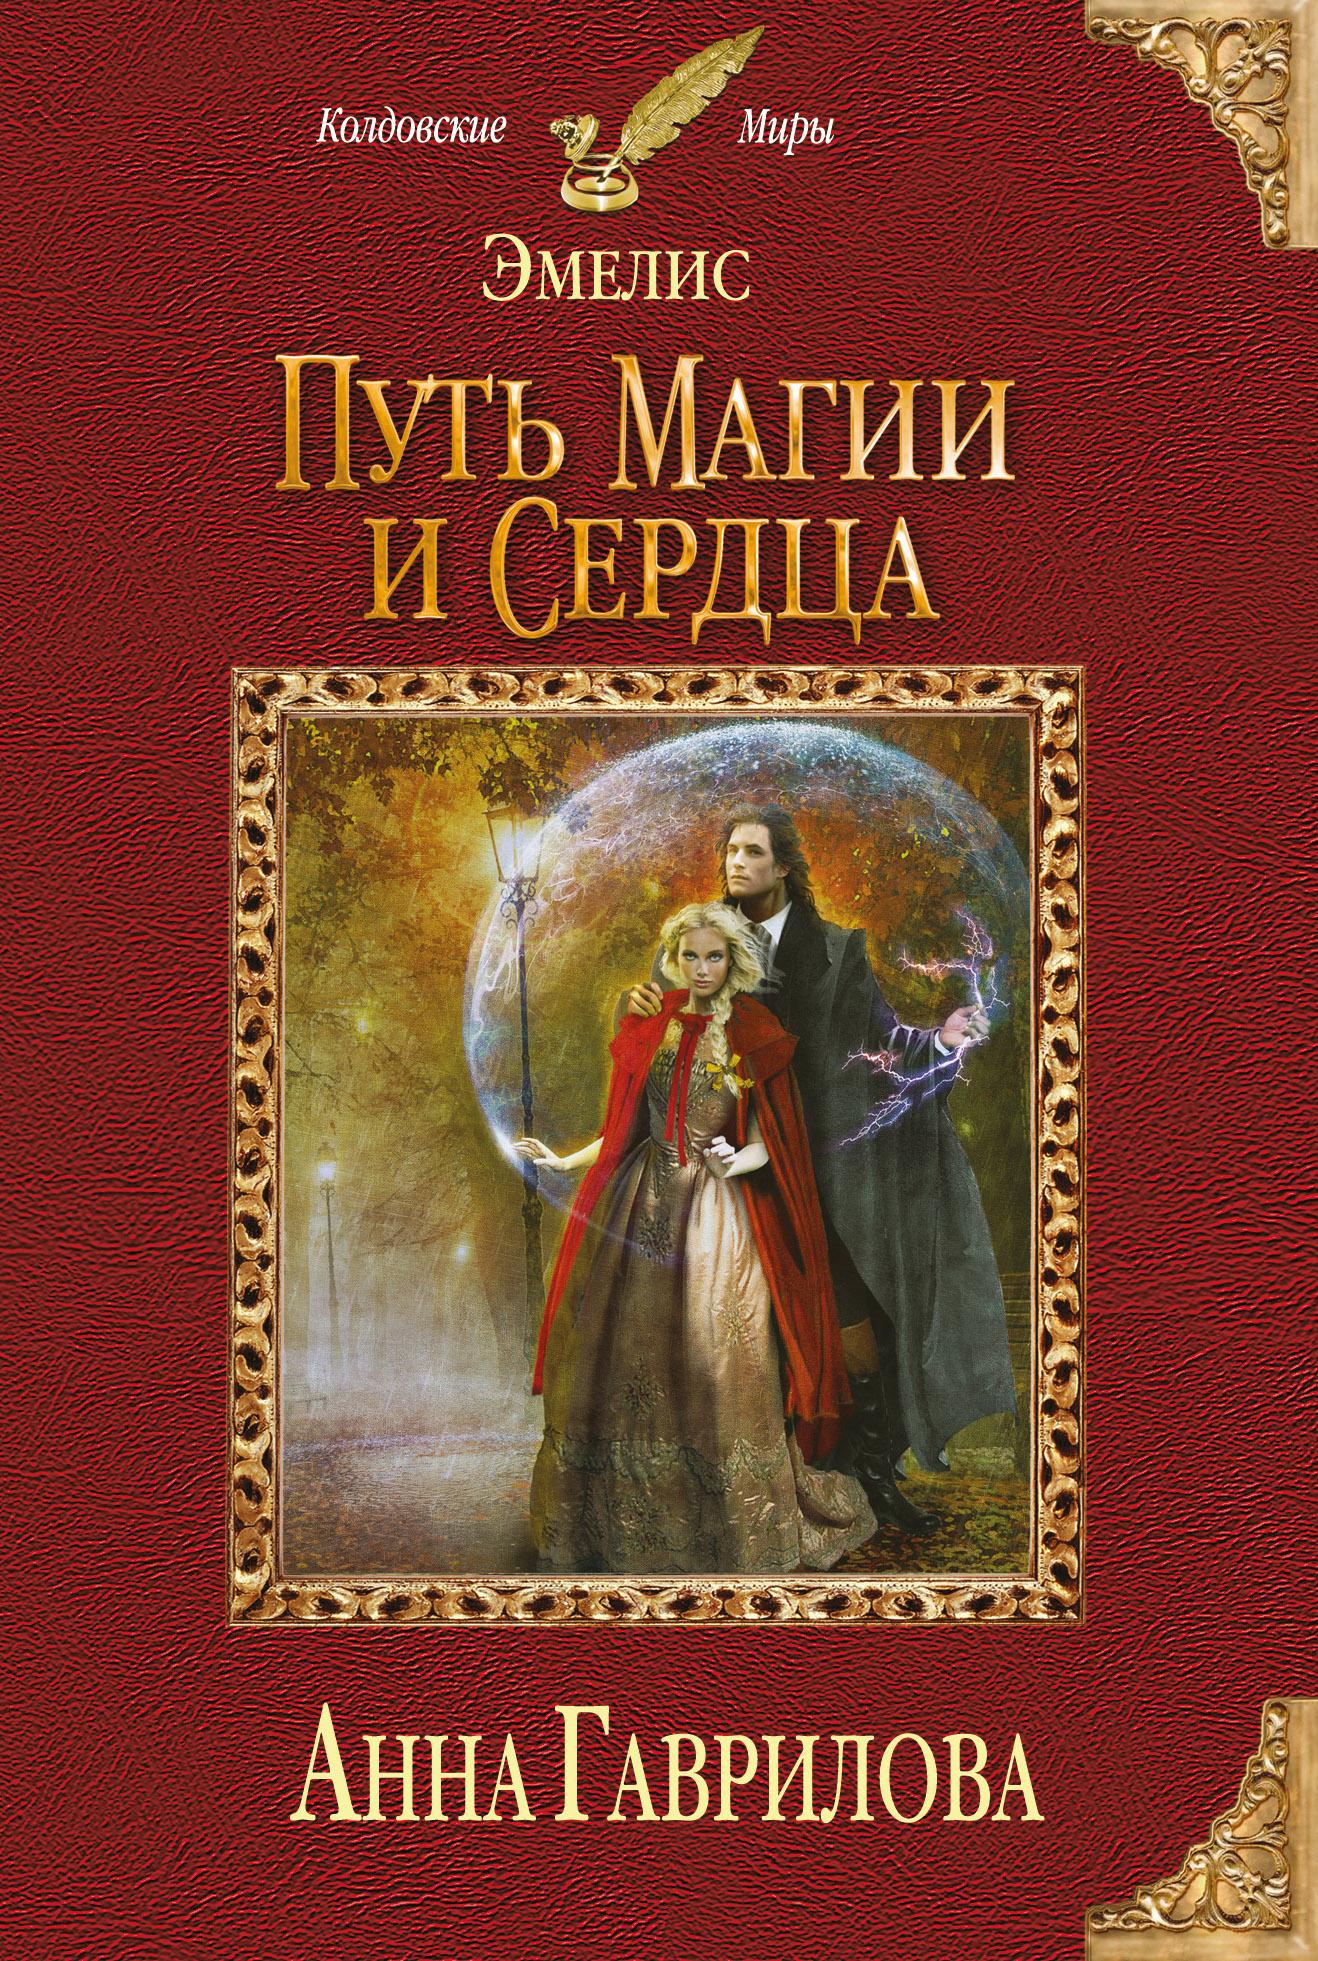 Анна Гаврилова «Эмелис. Путь магии и сердца»